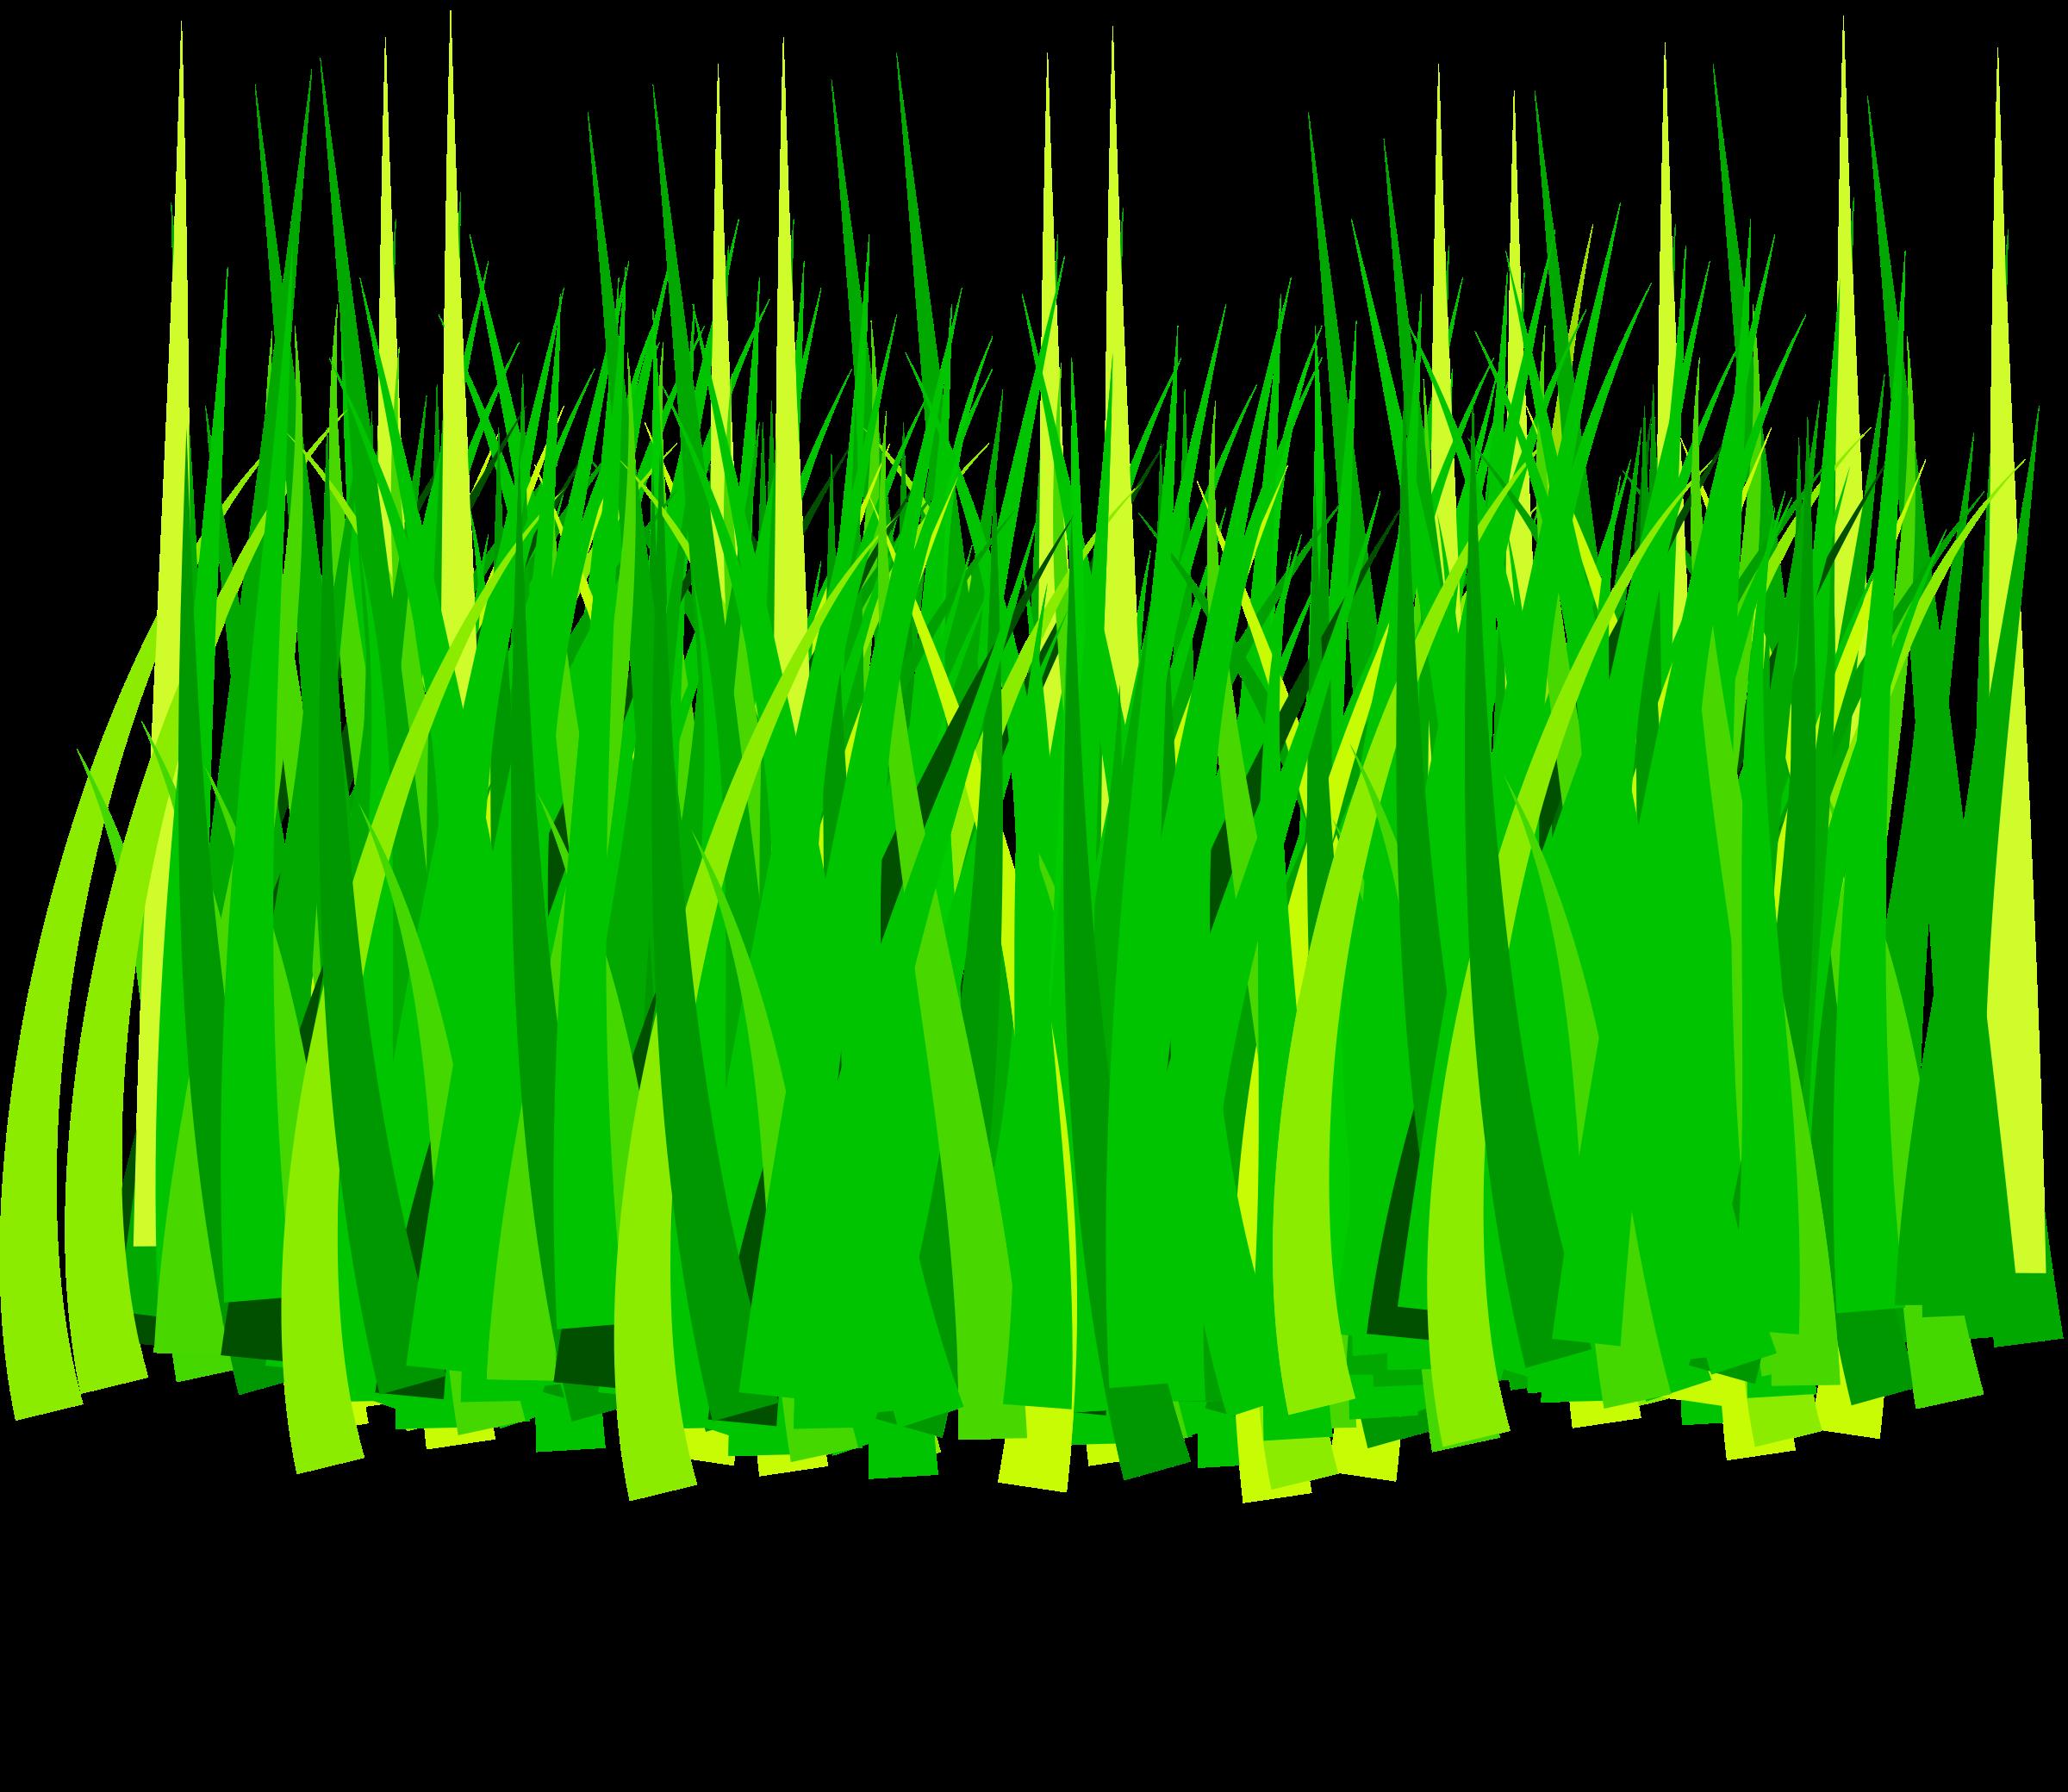 Clipart grass green grass. Big image png